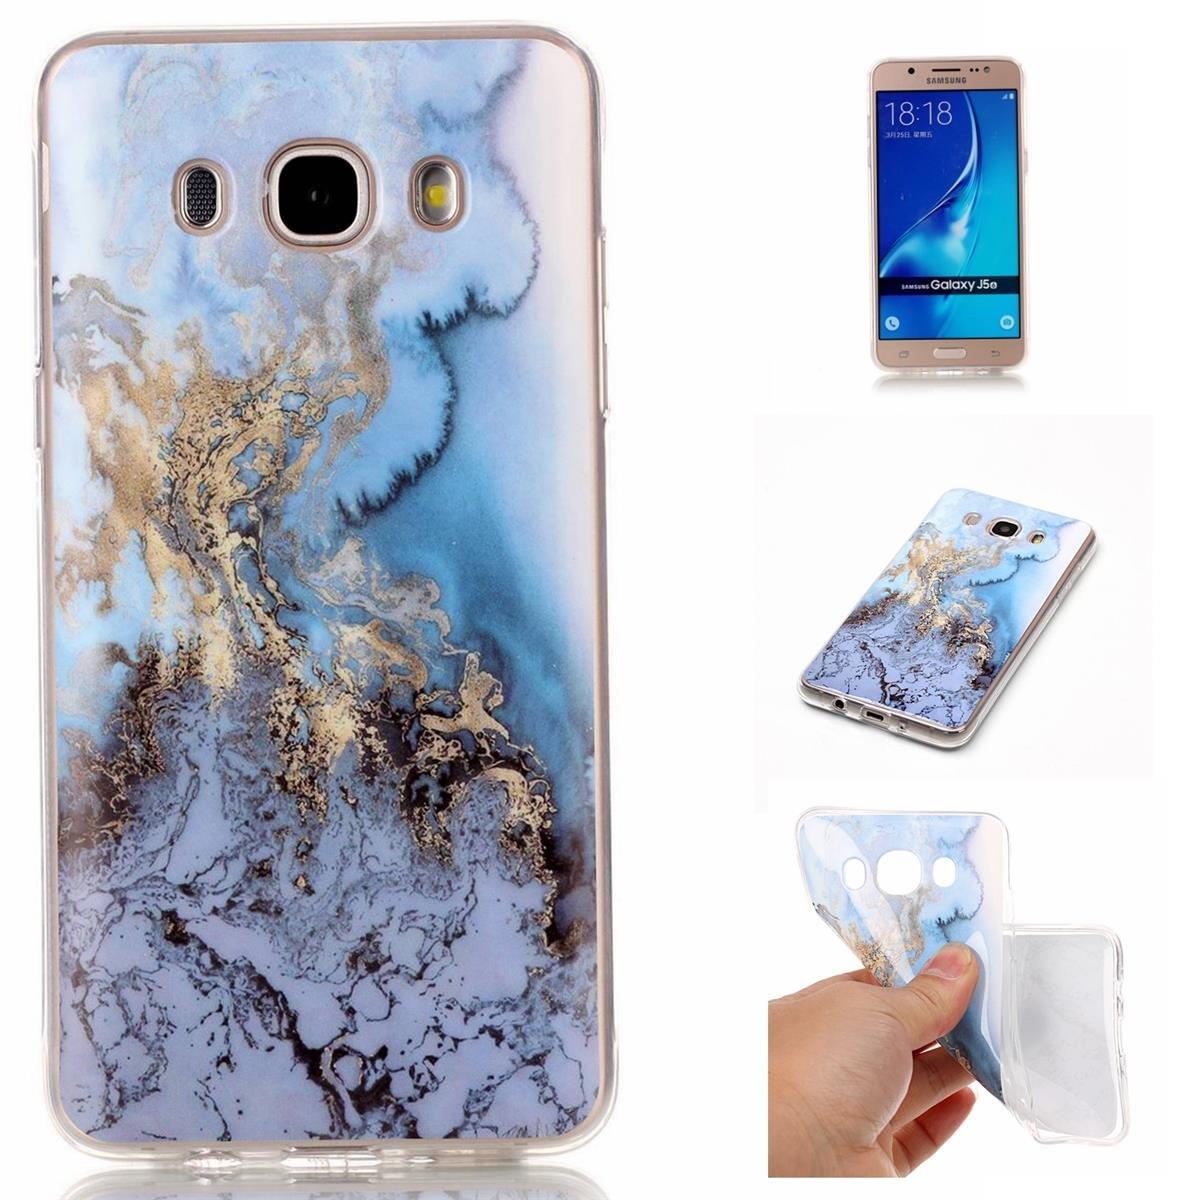 OnlyCase Funda para Samsung Galaxy J5 2016,Premium Elegante patr/ón de m/ármol TPU Suave Silic/ón Gel de Alta Resistencia y Flexibilidad Protectora Suave Caso Glaciar Azul